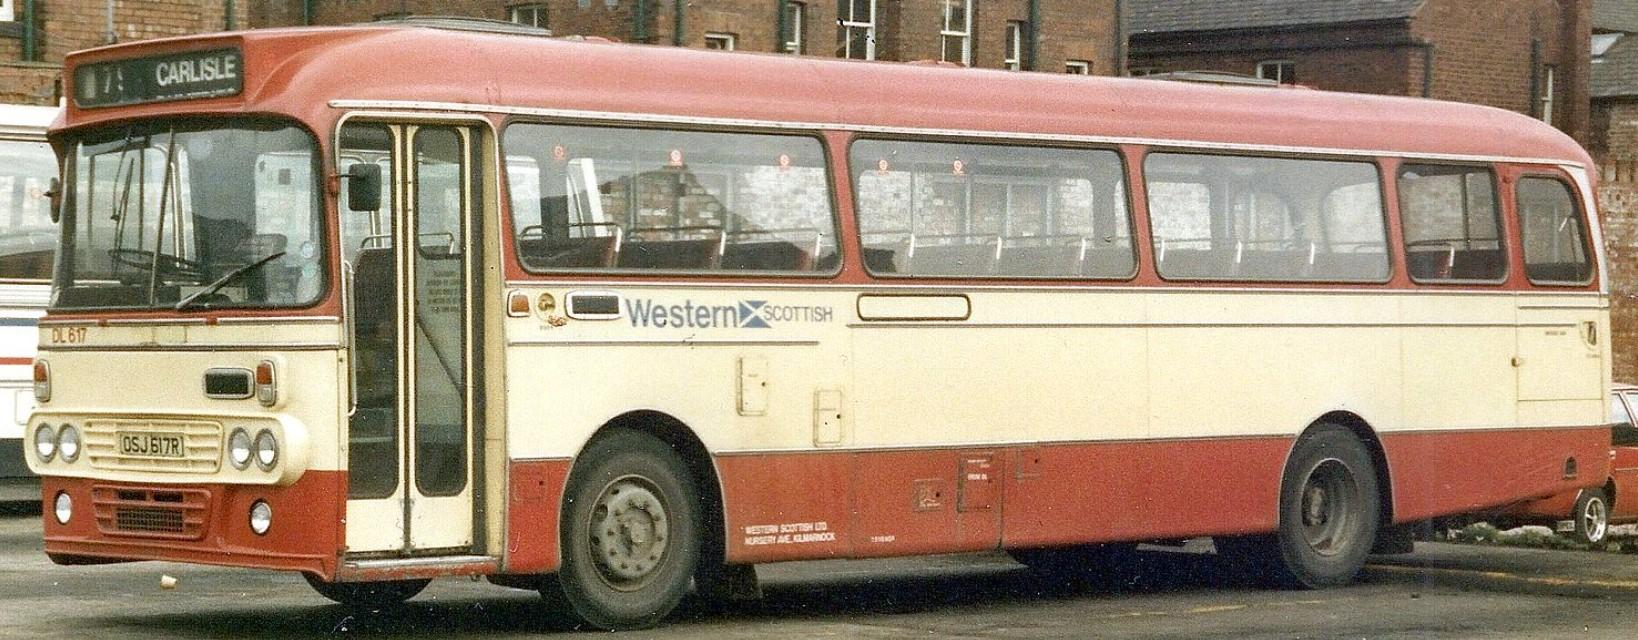 DL617 OSJ 617R in Carlisle in the 1980s. ©Eddie Leslie